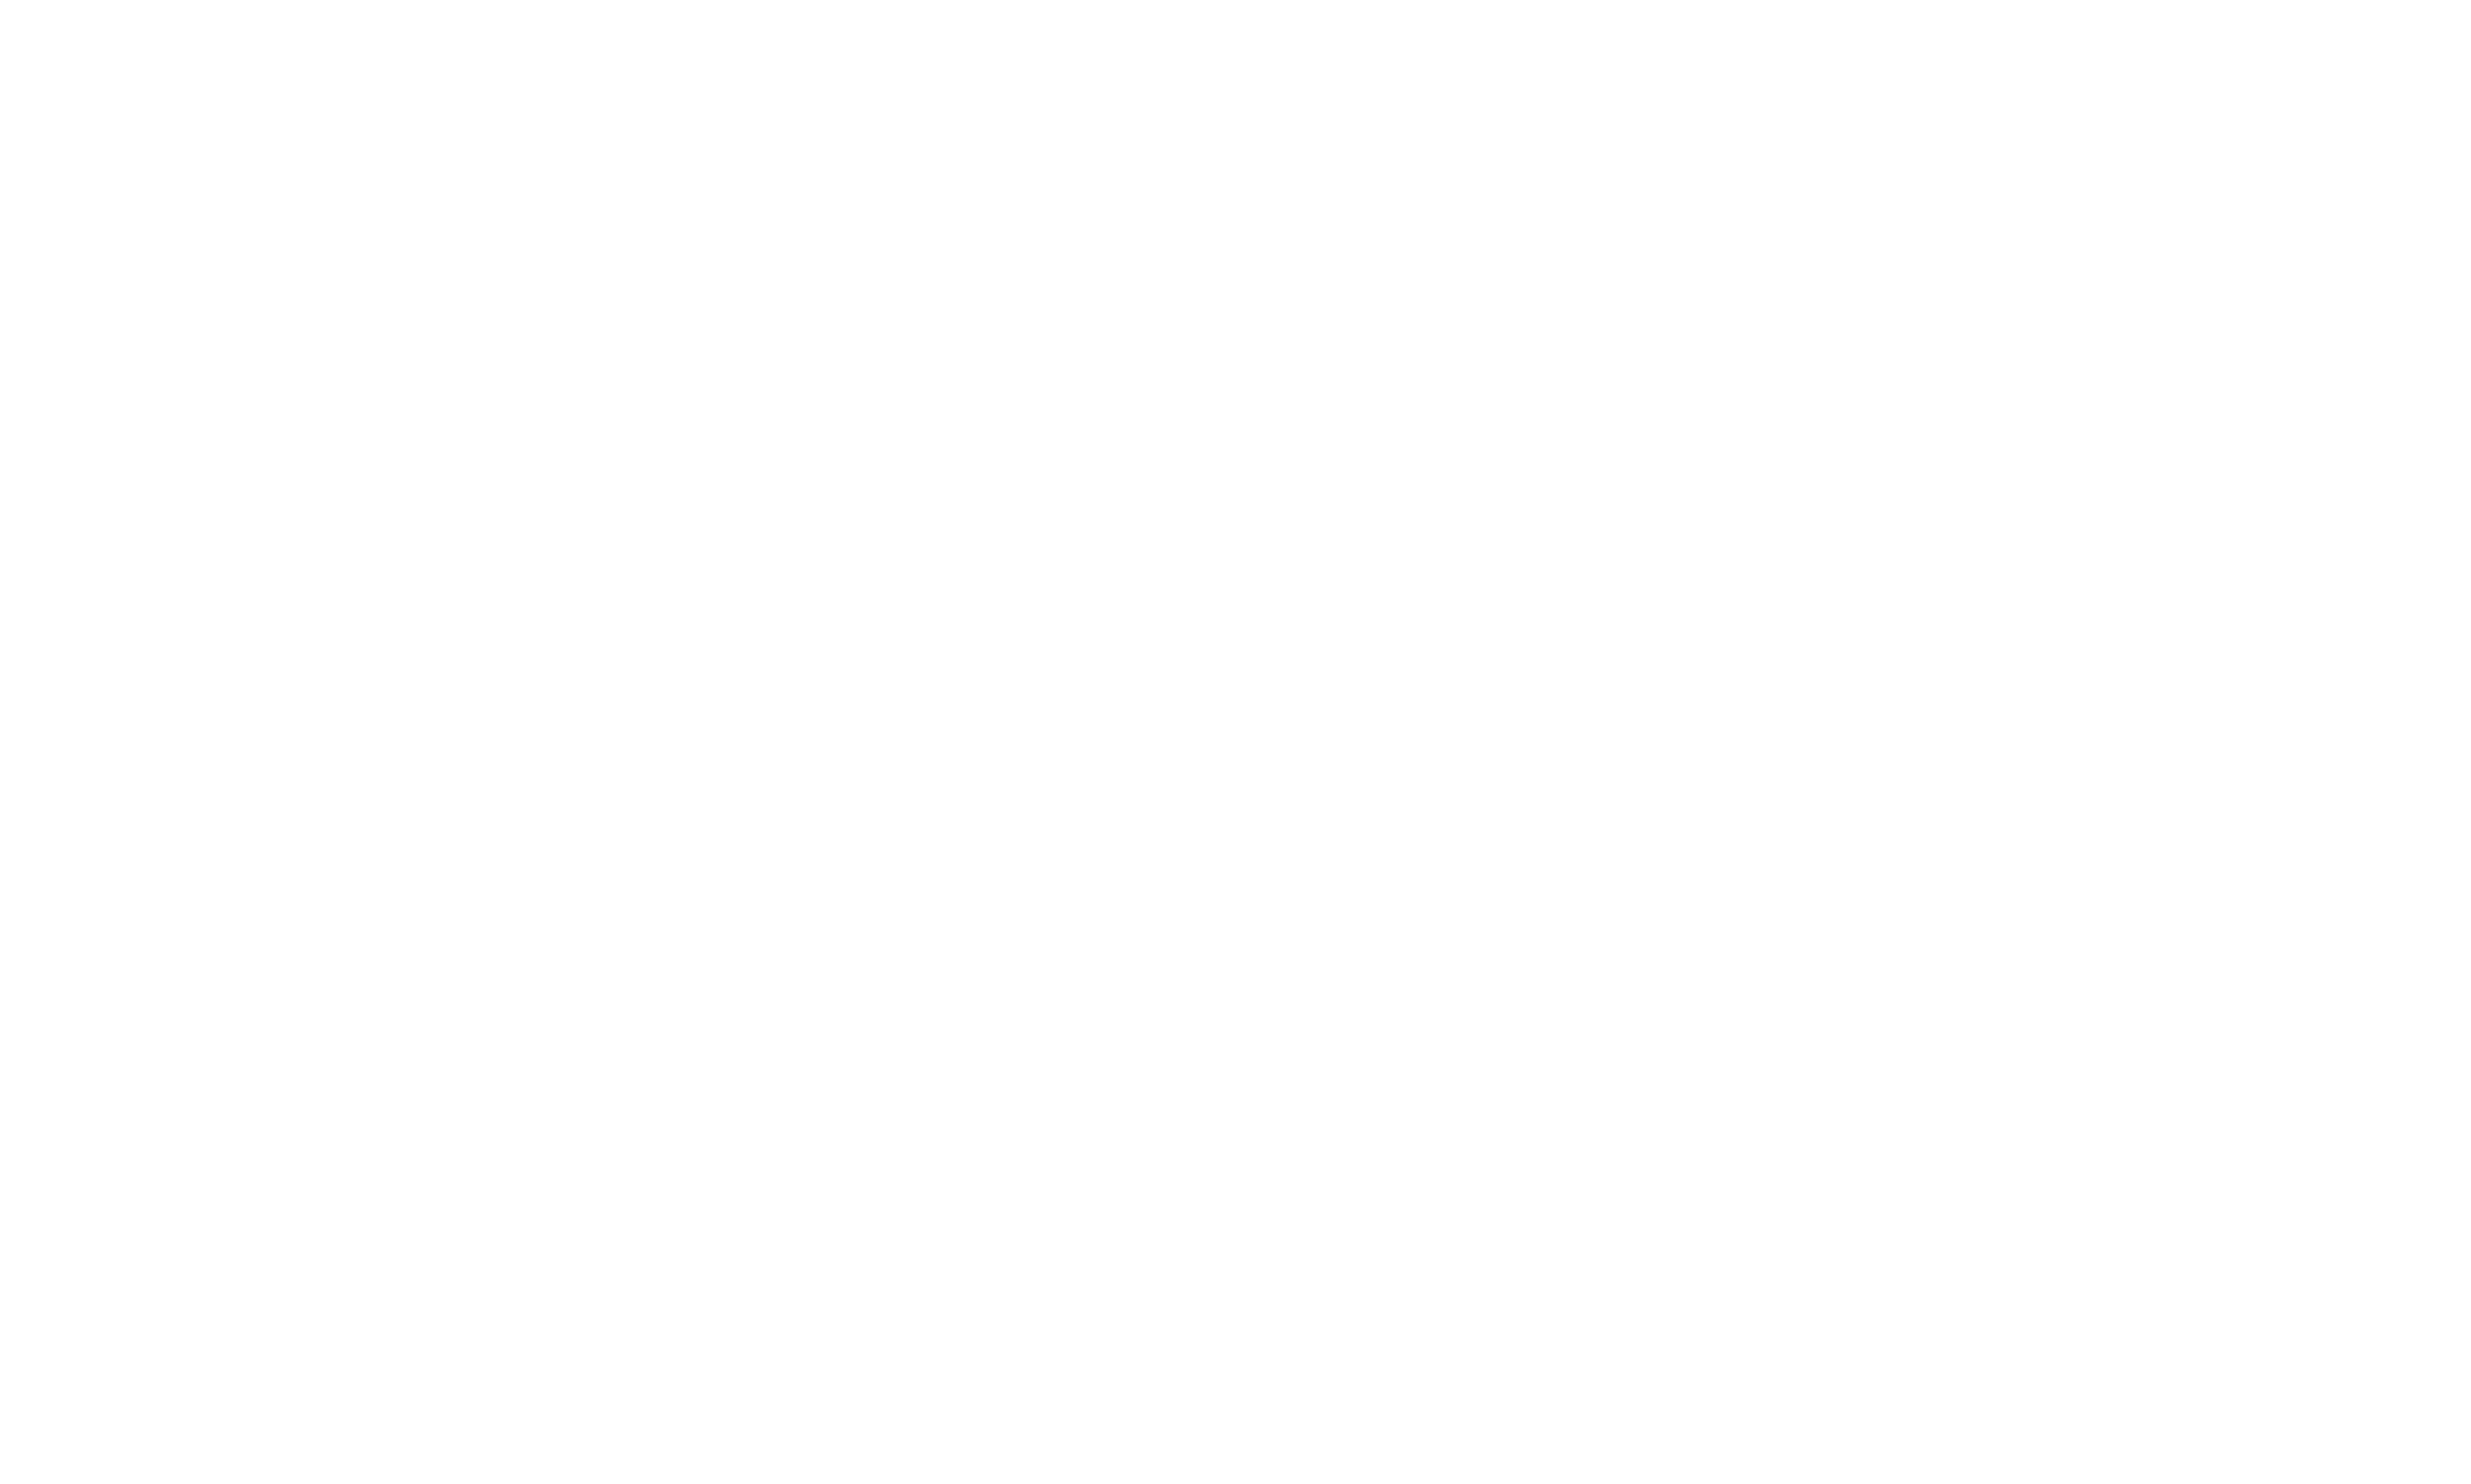 logo-final_white